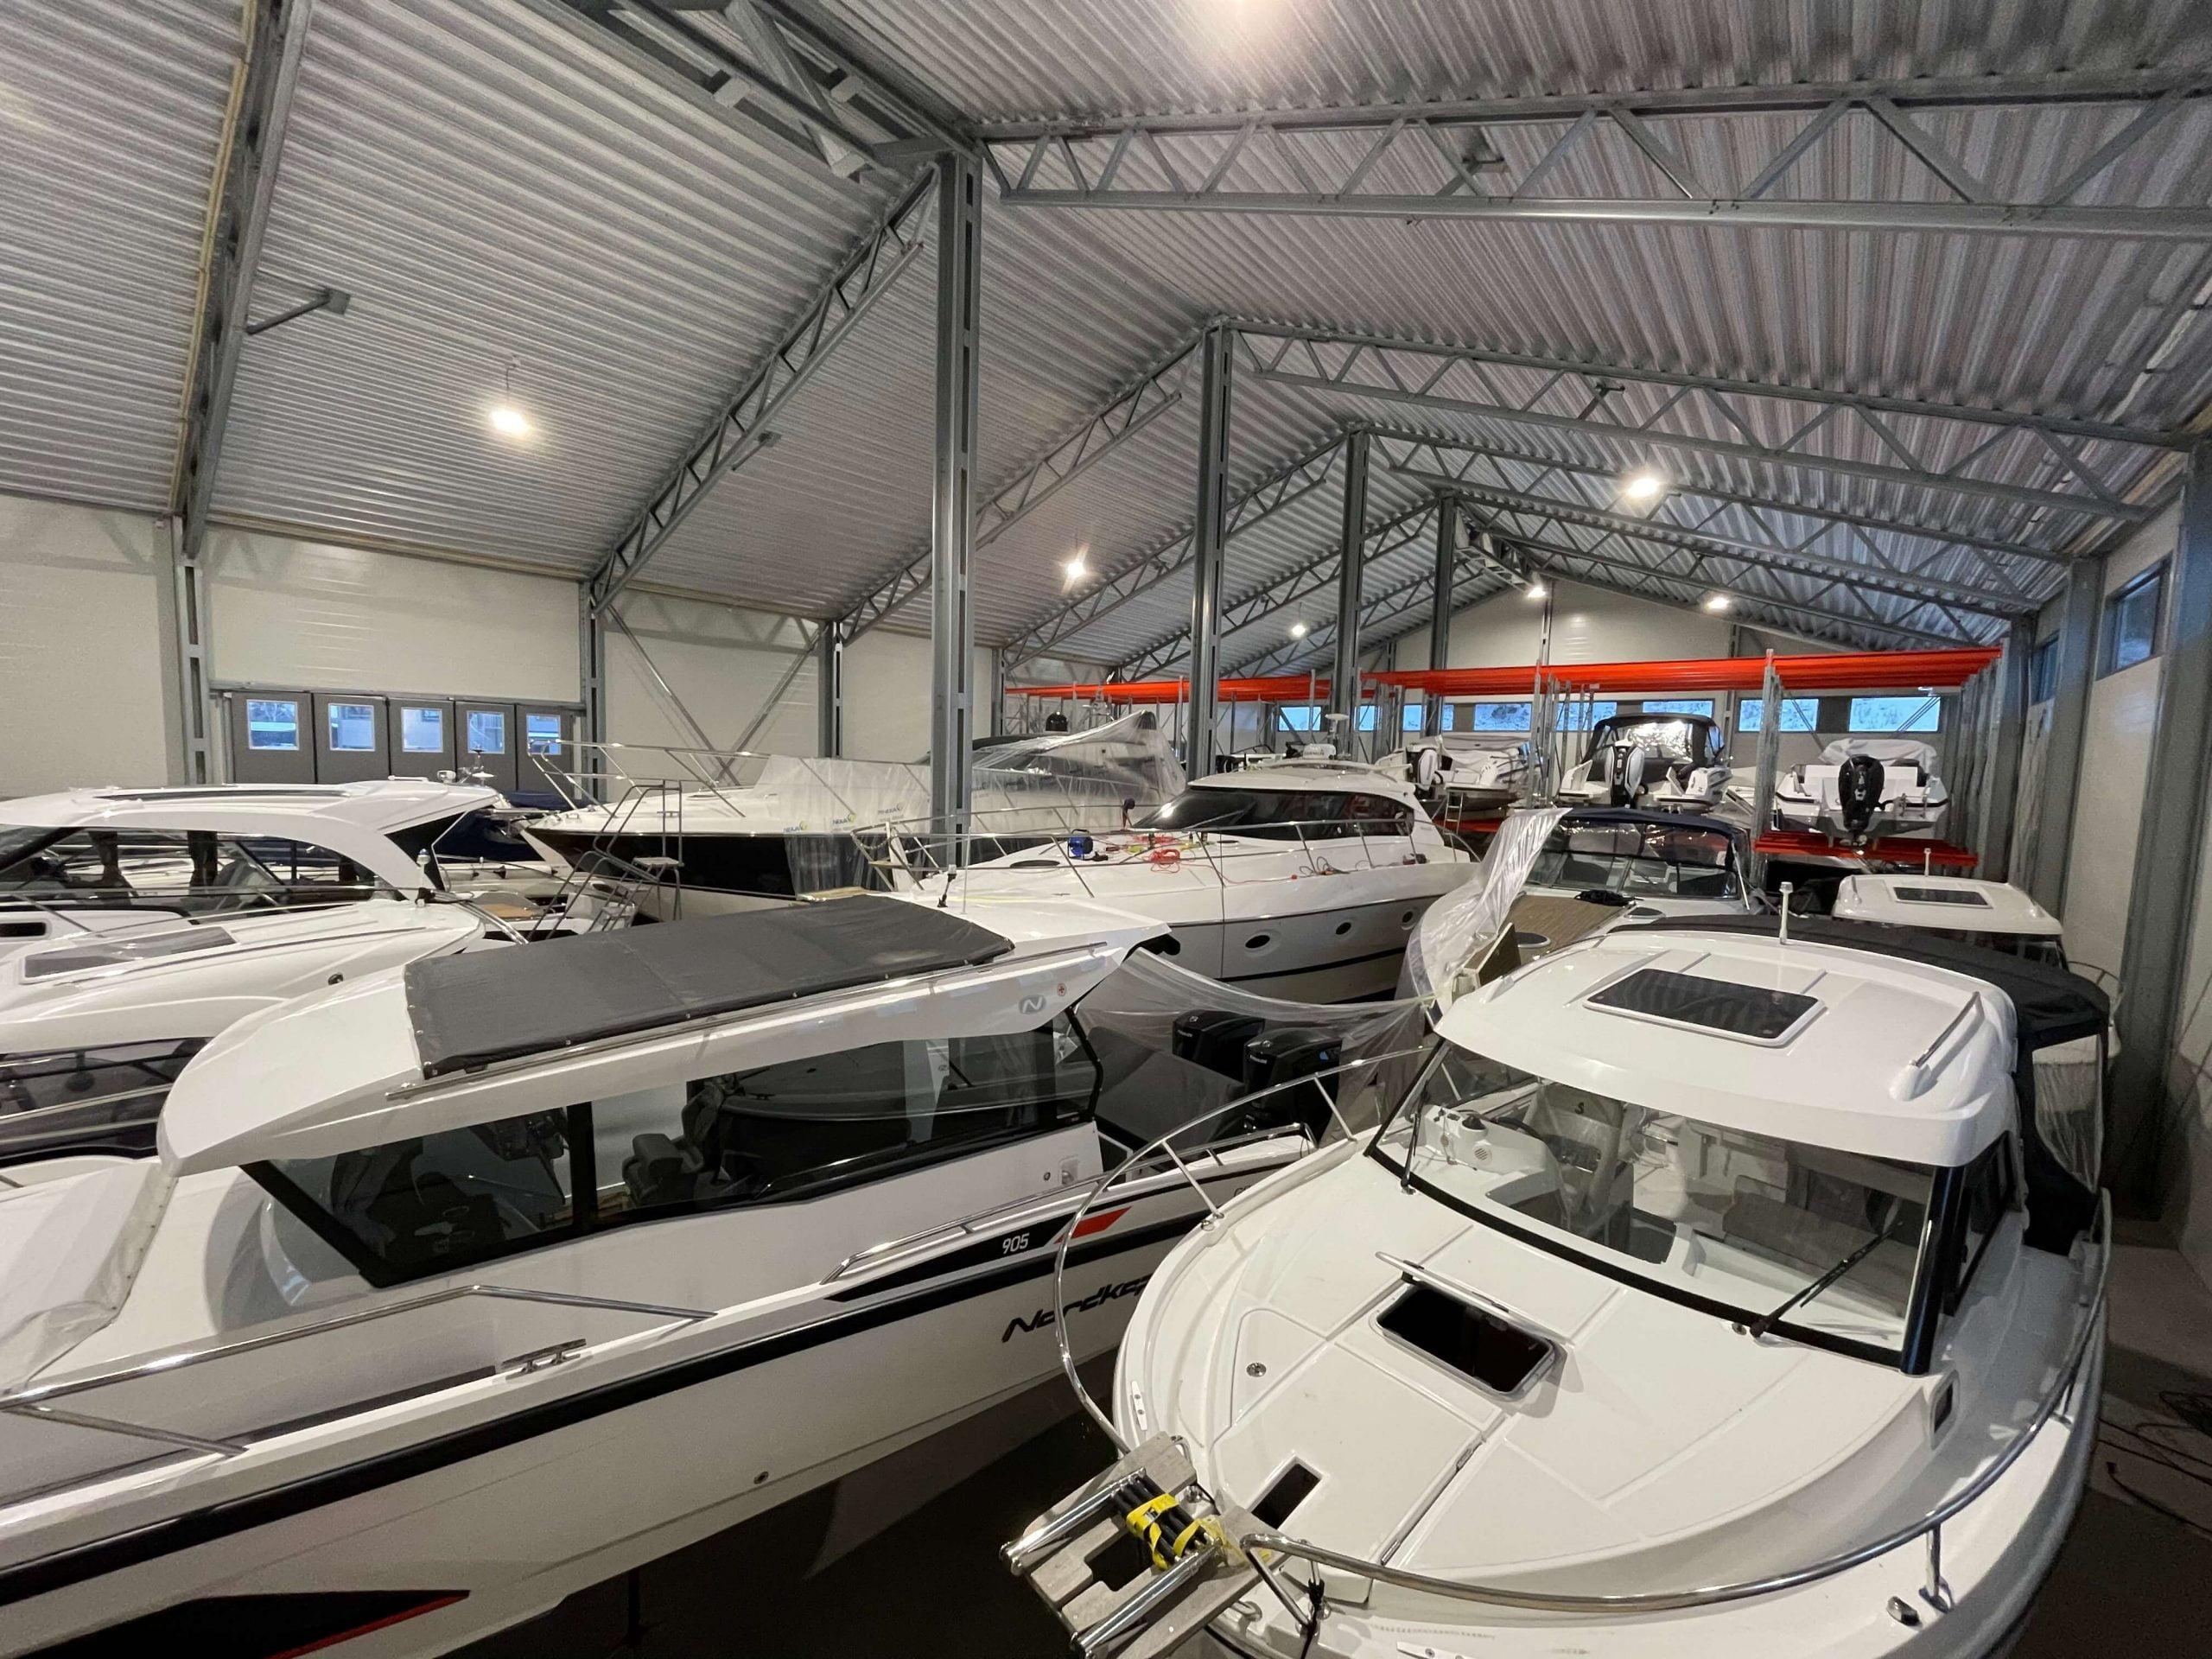 Vinterförvaring, båtförvaring, Boatstorage, storage,